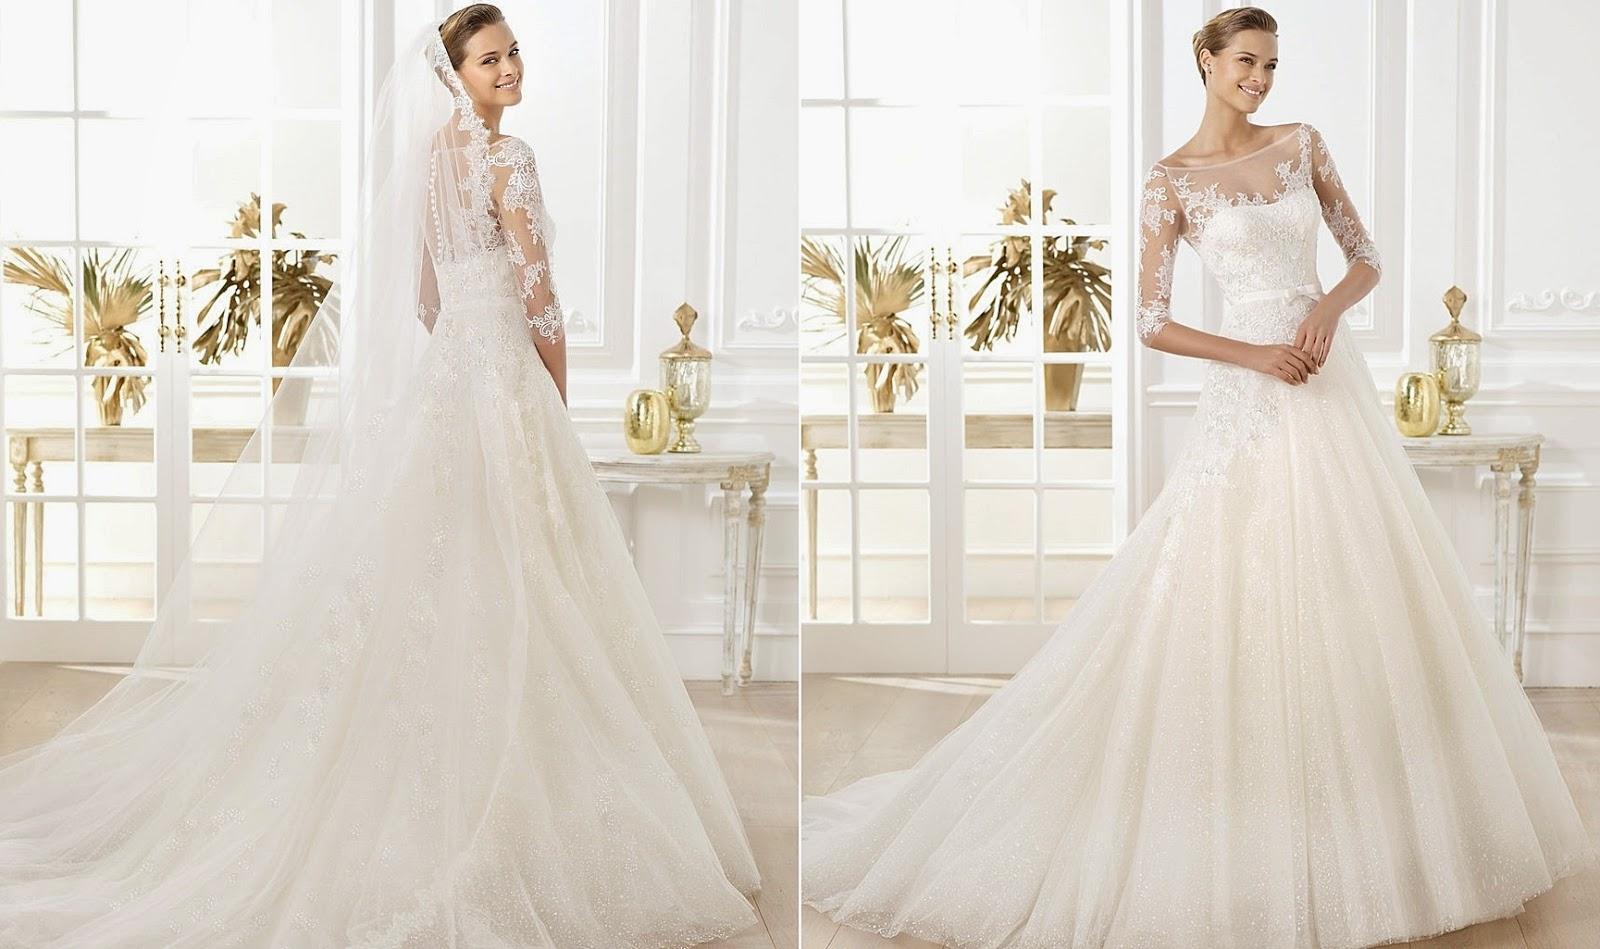 inspirações vestidos de noiva